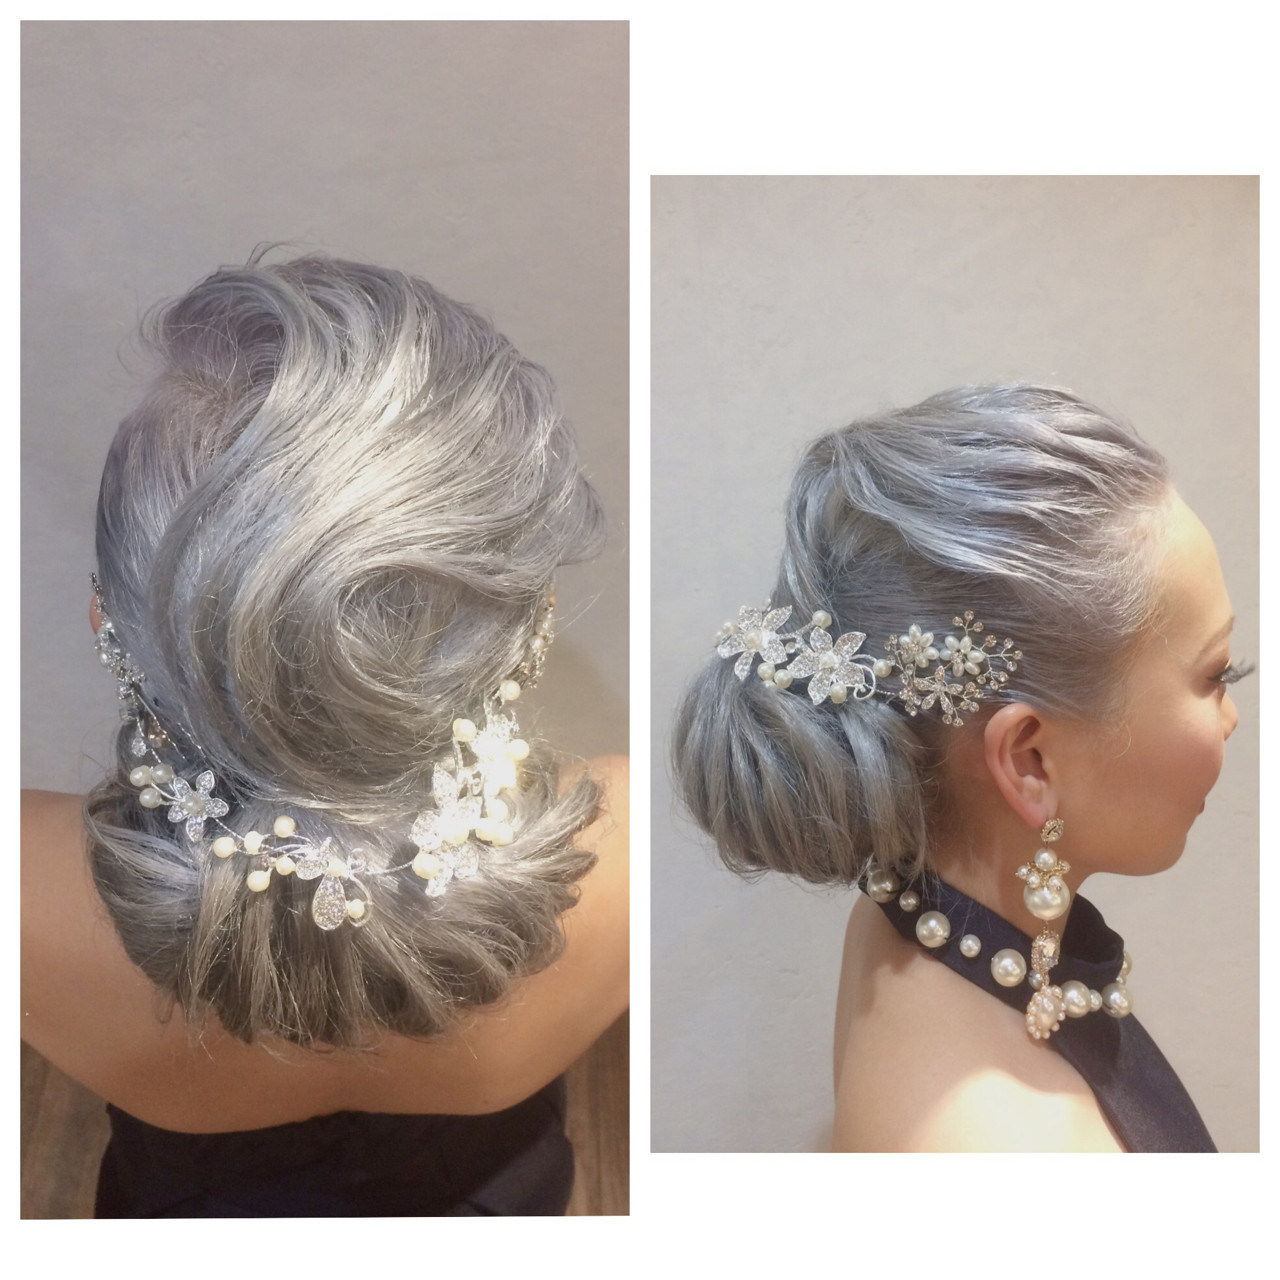 シルバーアッシュ ロング アップスタイル パーティ ヘアスタイルや髪型の写真・画像